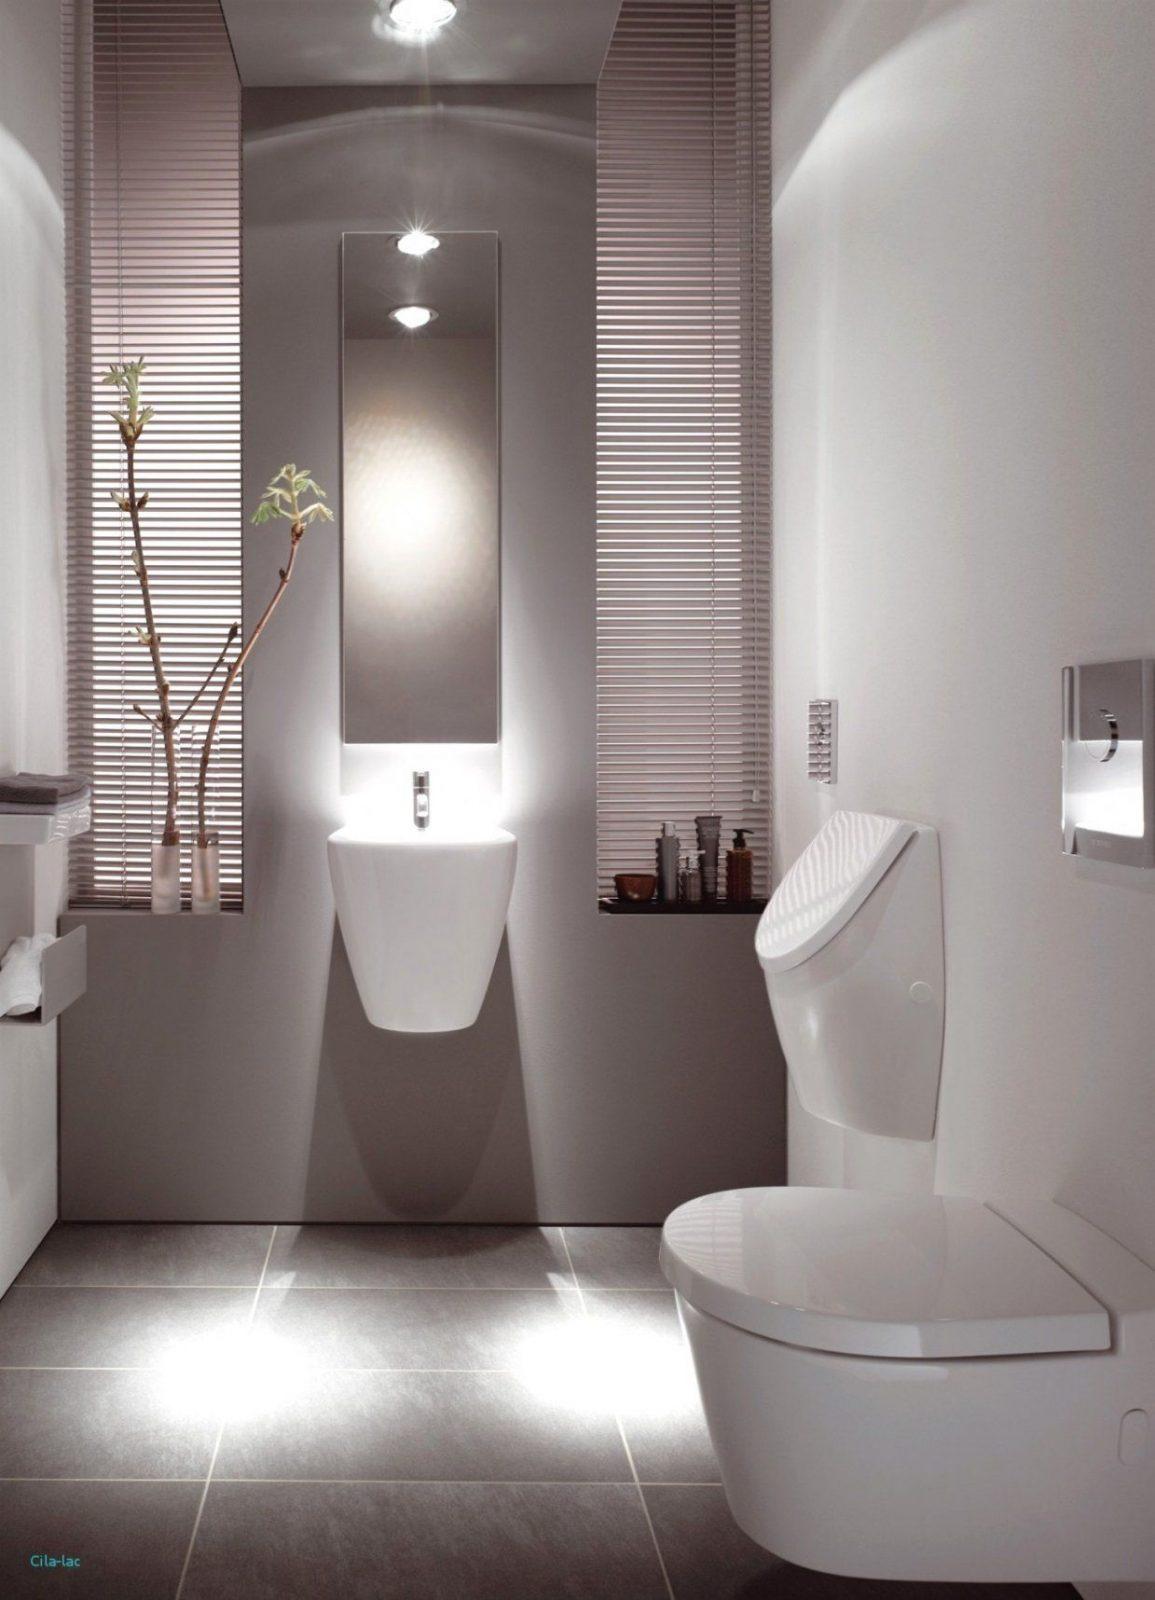 Badezimmer Design Zum Badezimmer Design Ideen Gaste Wc Speyeder von Gäste Wc Design Ideen Photo